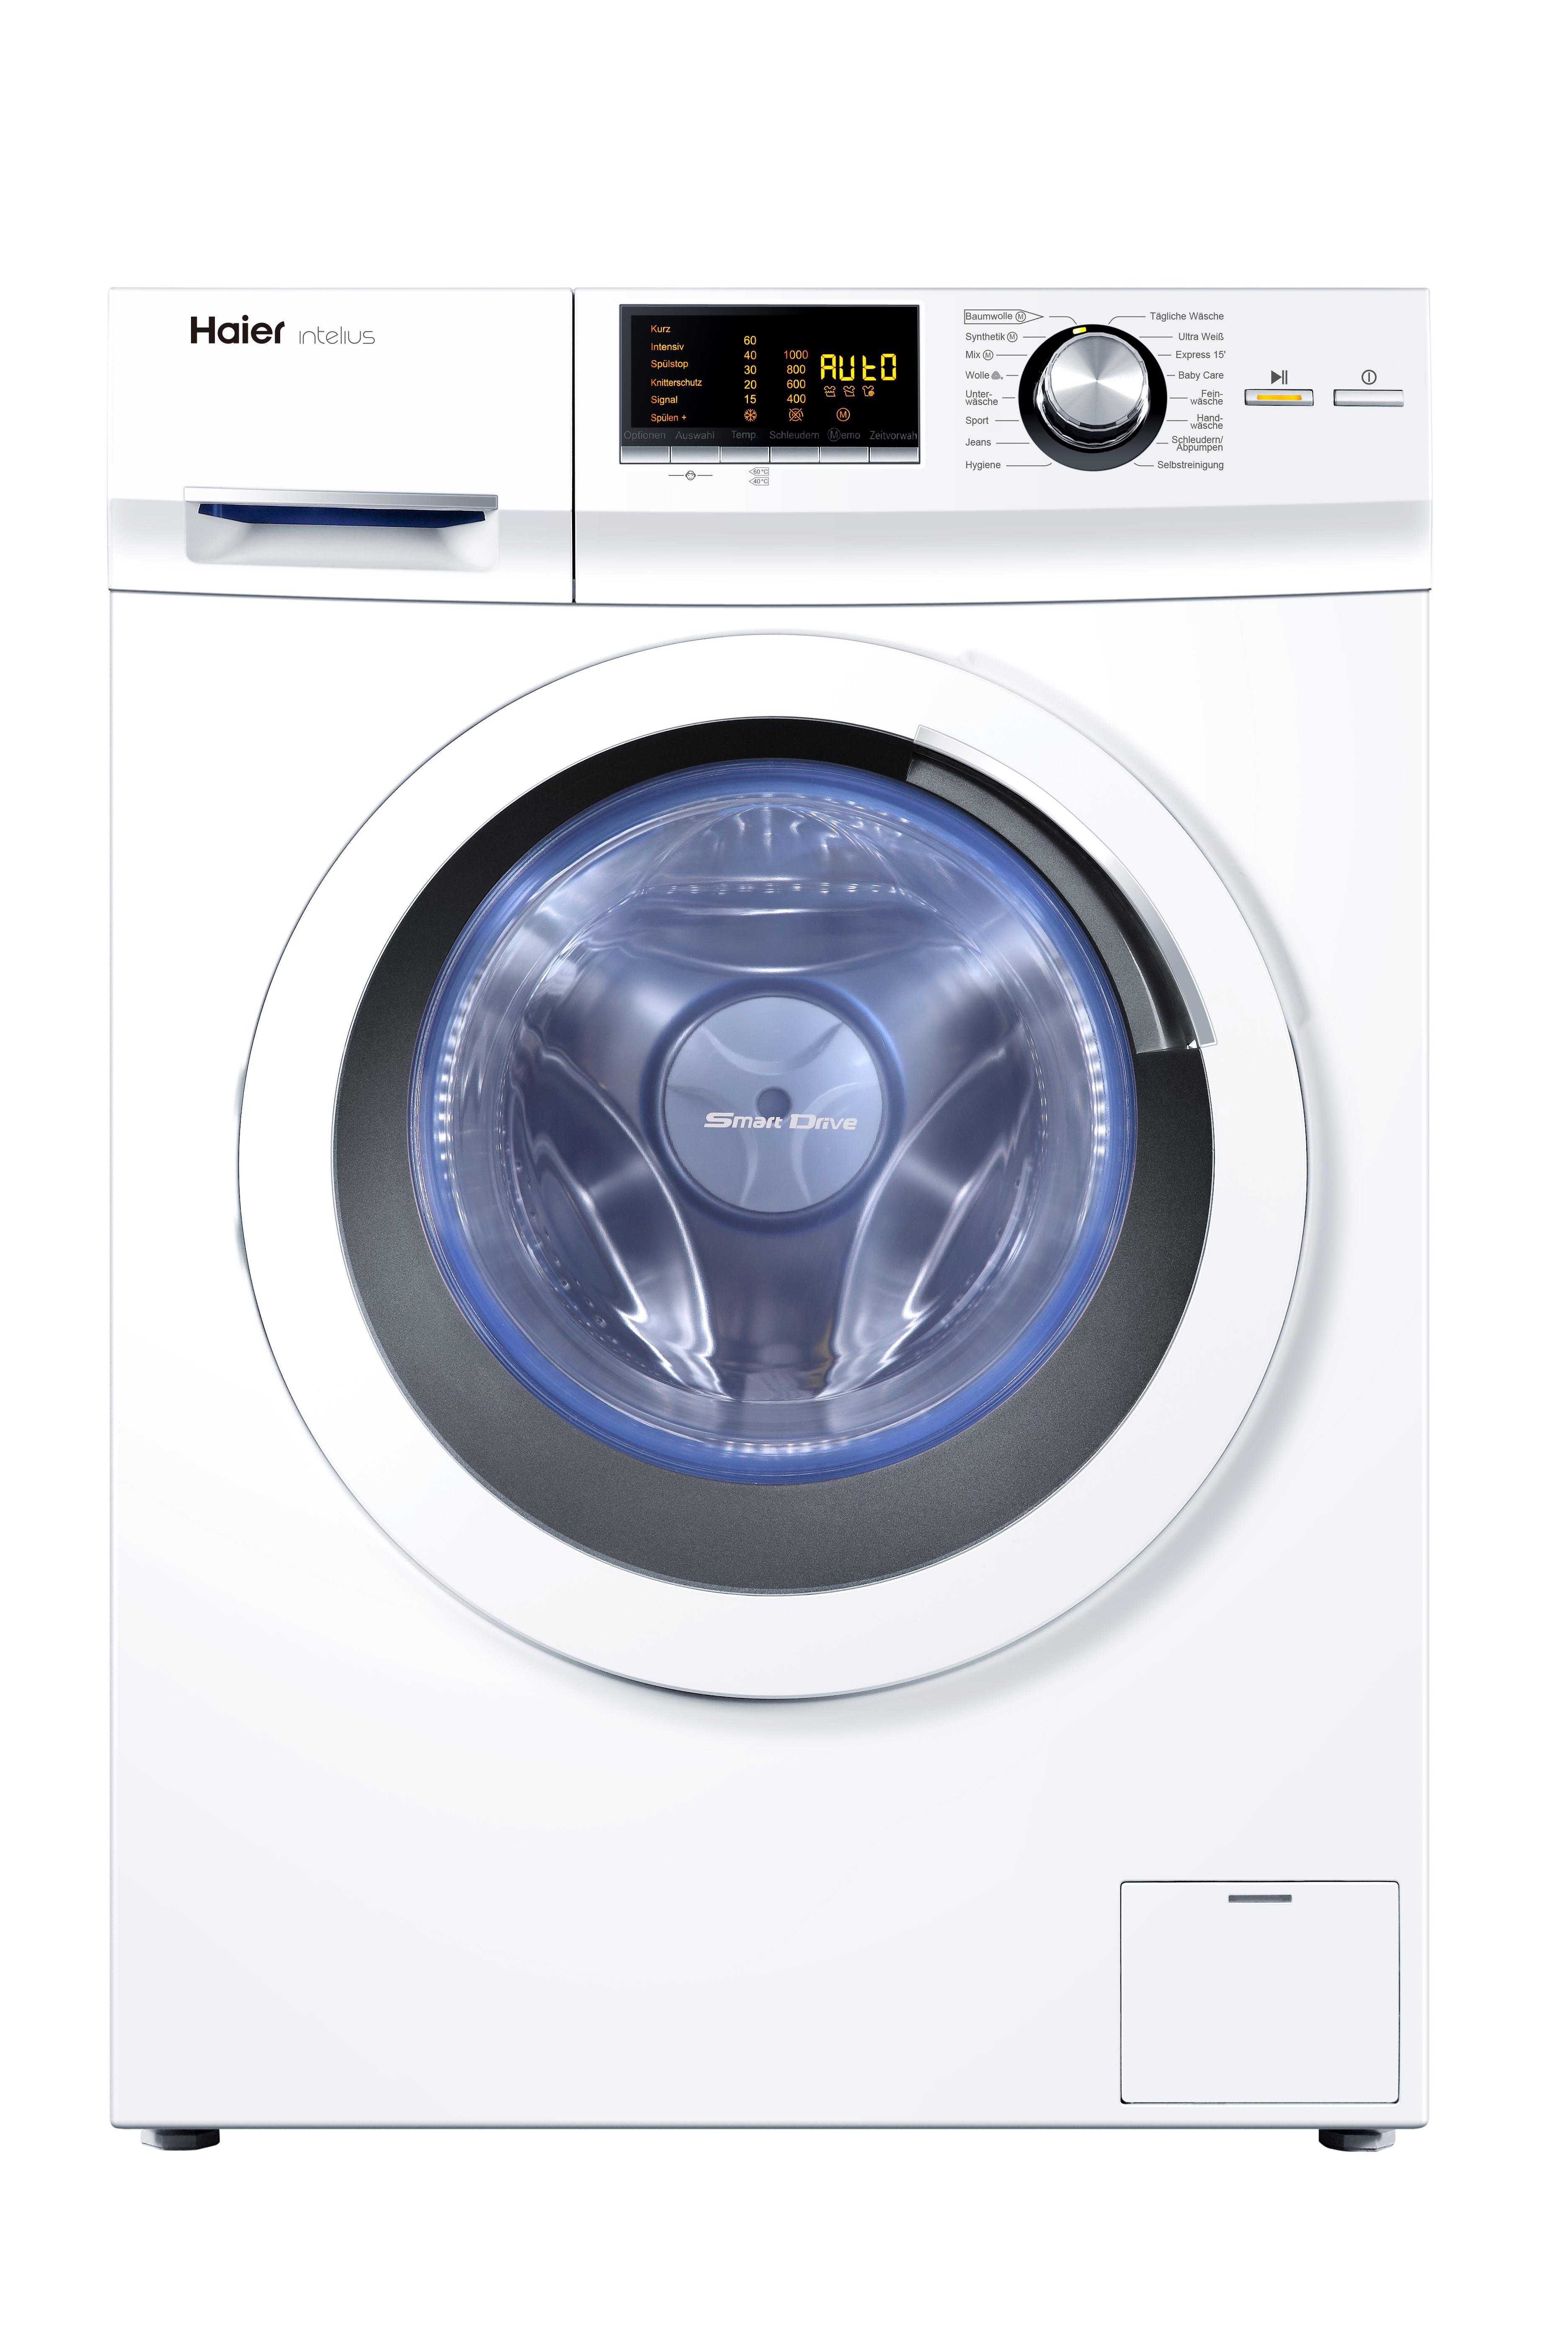 Verbraucht Wenig Strom Und Wasser Intelius 150 HW70 B14266 Von Haier